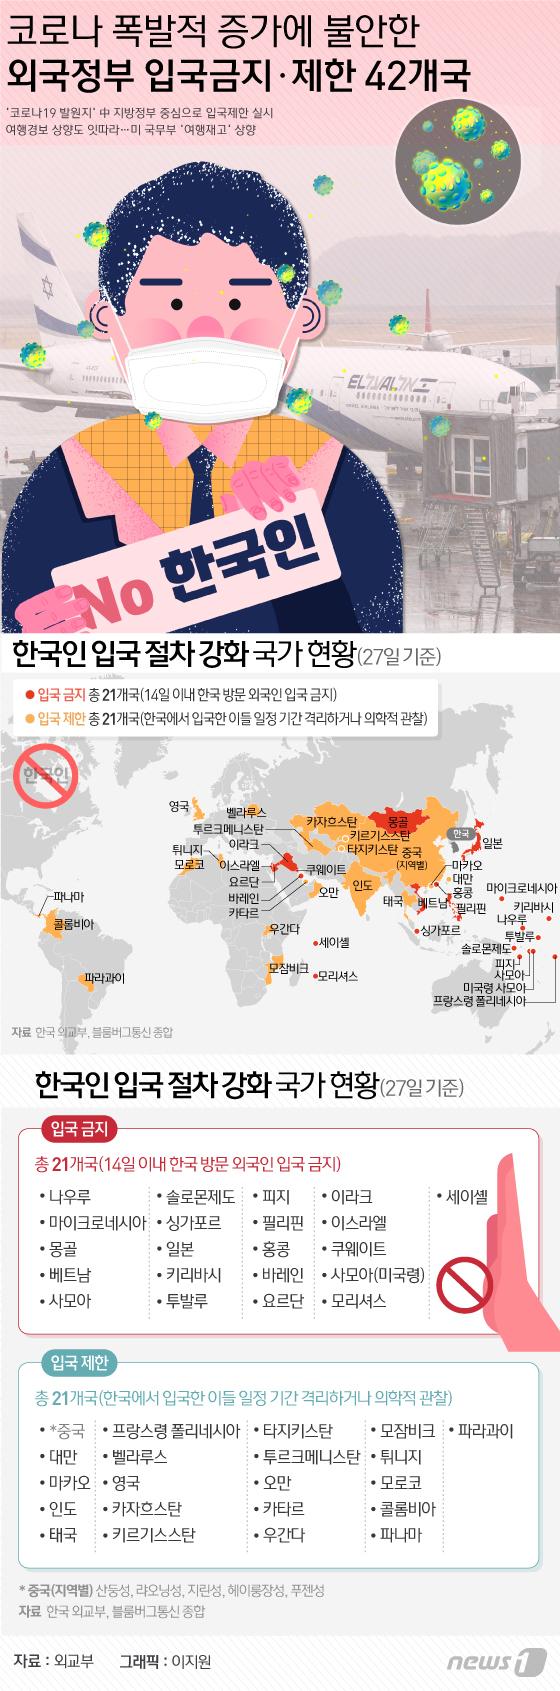 [사진] [그래픽뉴스] 코로나 폭발적 증가에 불안한 외국정부